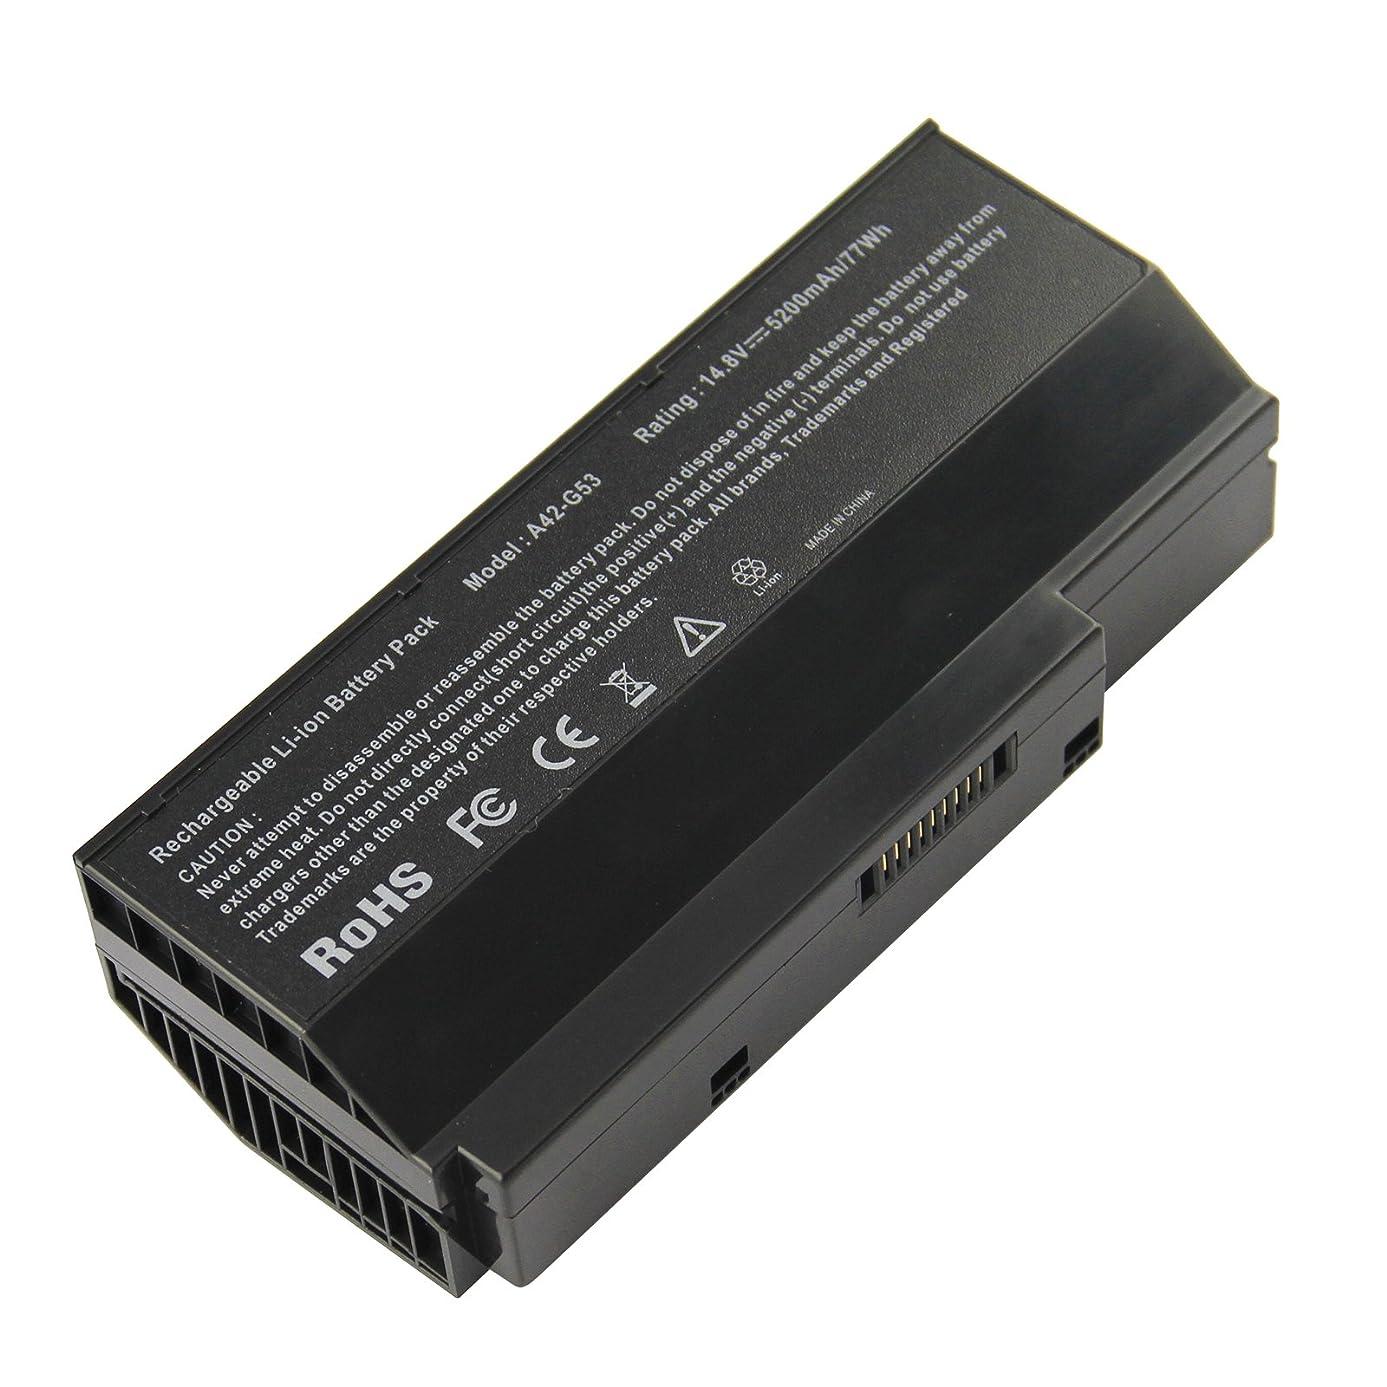 Futurebatt Battery for ASUS A42-G73 G73-52 70-NY81B1000Z G53 G53J G53JH G53JQ G53JW G53JX G53S G53SV G53SW G53SX G73 G73G G73GW G73J G73JH G73JQ VX7 VX7S VX7SX